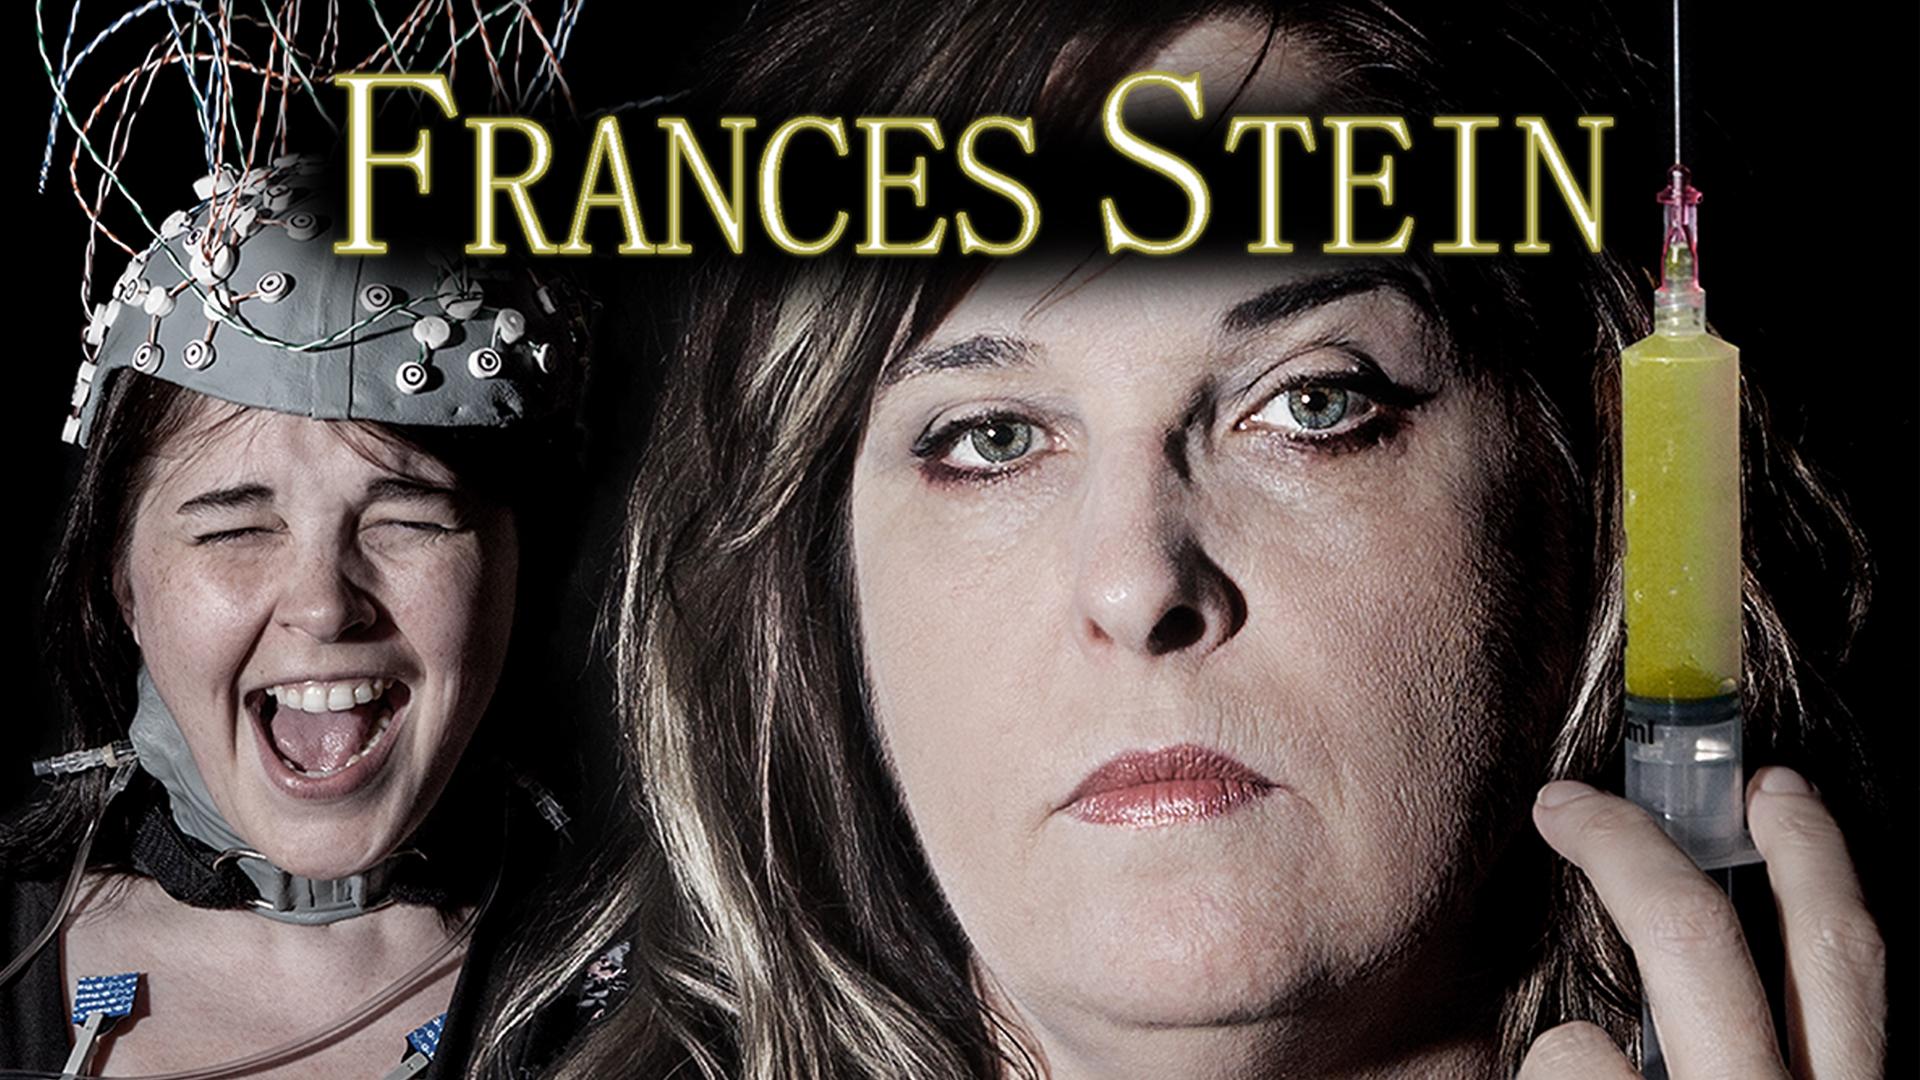 Frances Stein